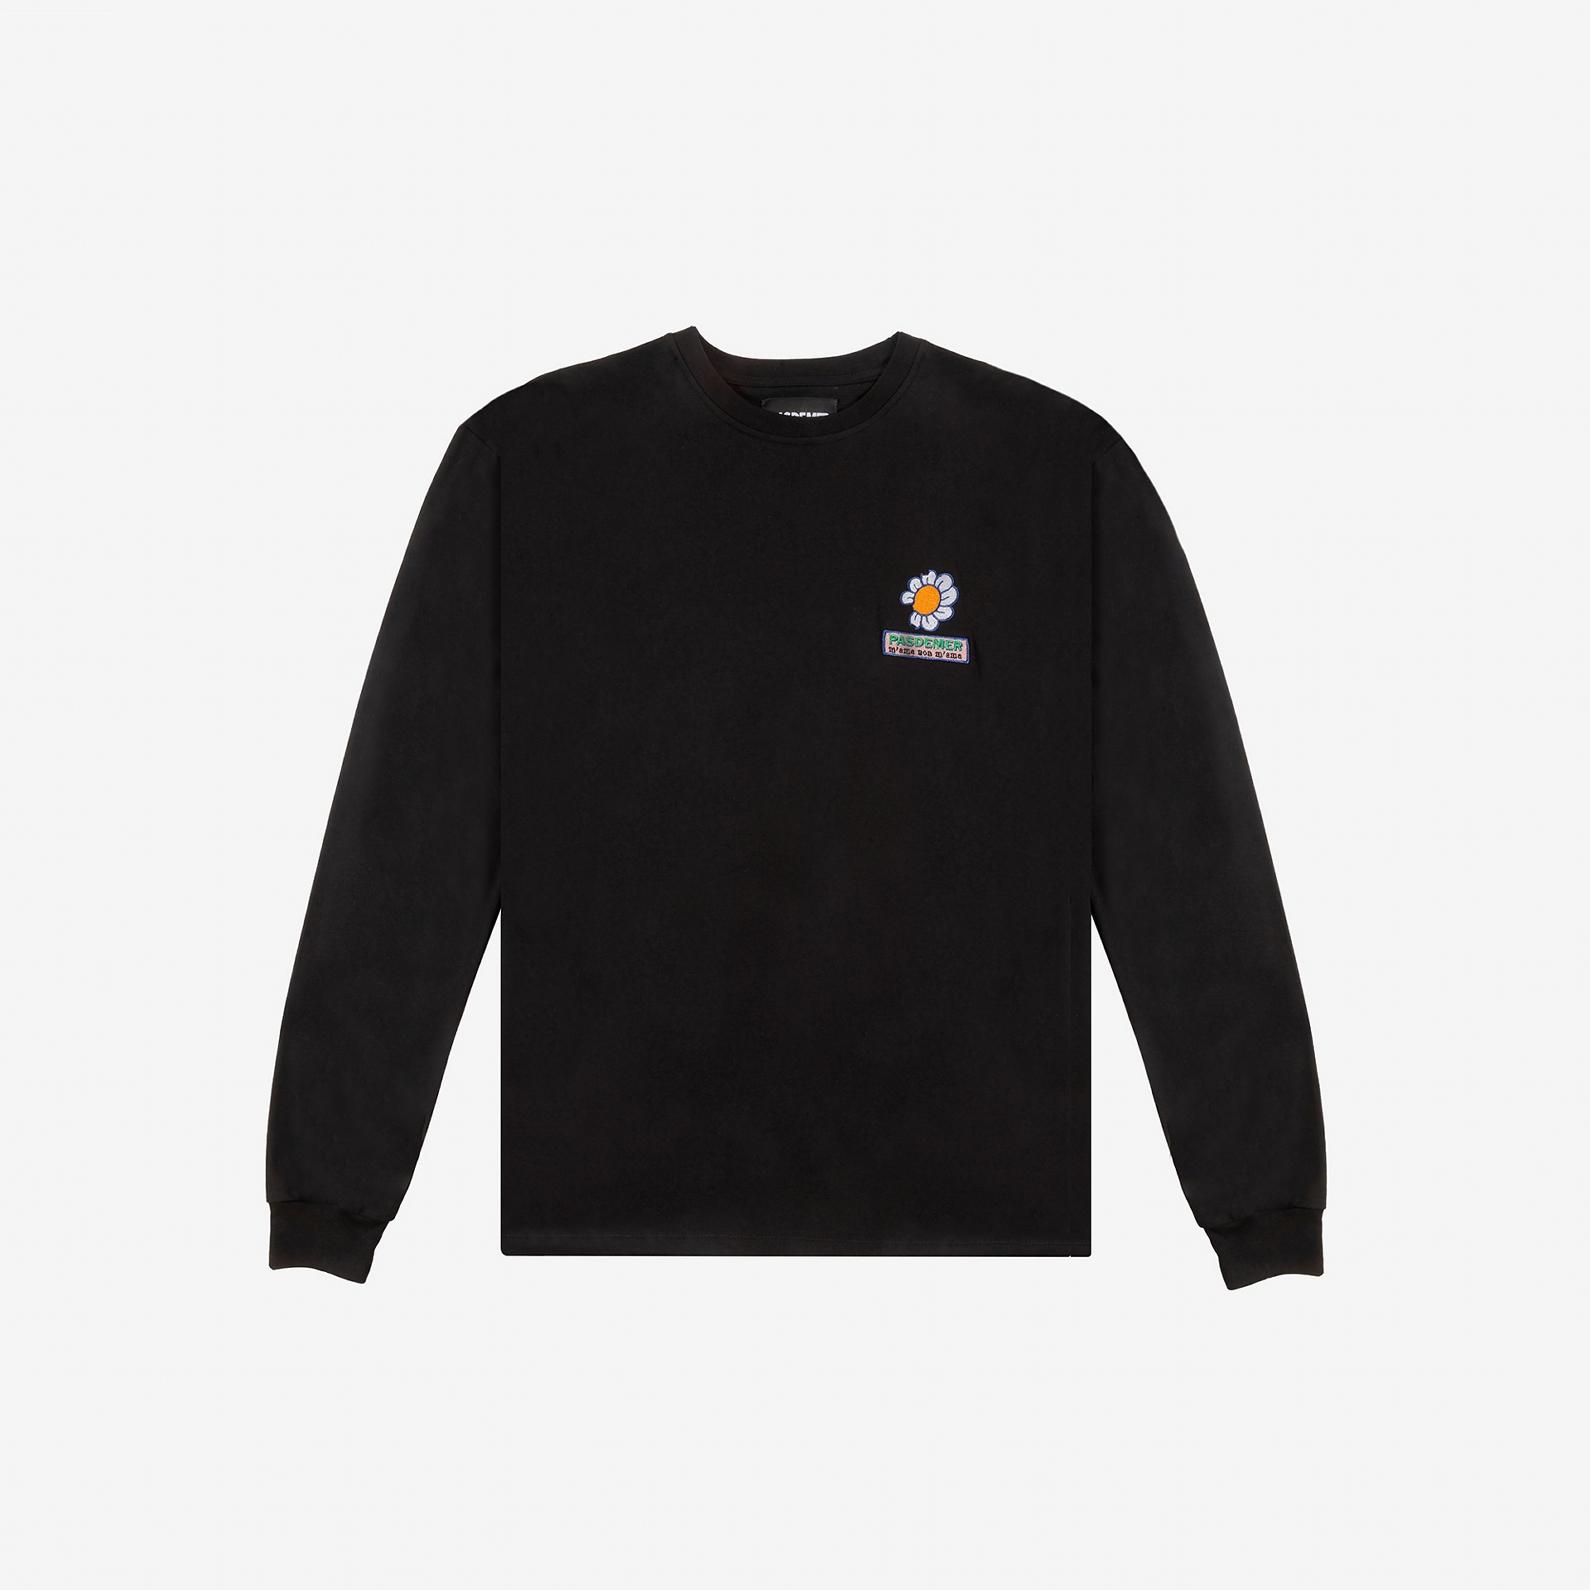 【PAS DE MER/パドゥメ】MAMANONMAMA LONGSLEEVE ロングTシャツ / BLACK